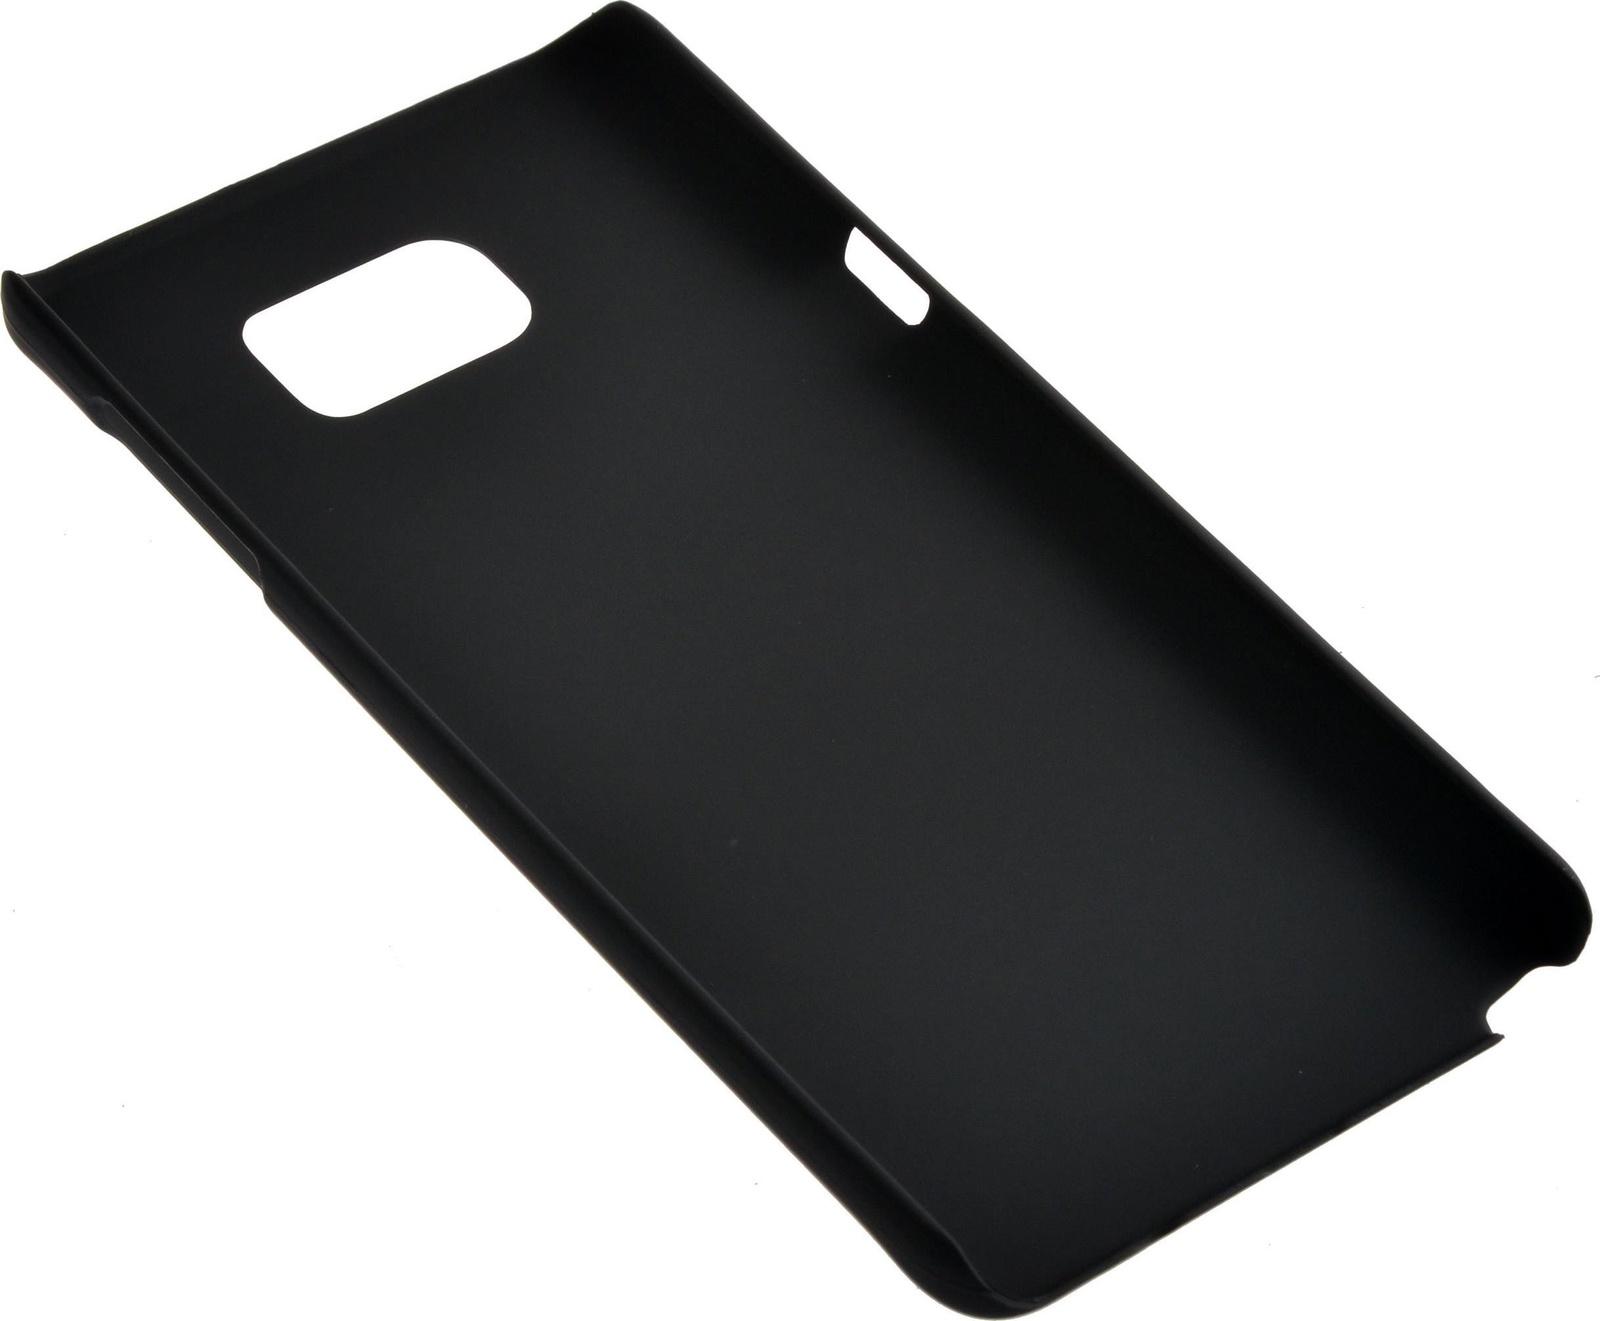 Чехол для сотового телефона skinBOX 4People, 4660041407136, черный чехол для asus zenfone 2 laser ze550kl skinbox shield 4people белый